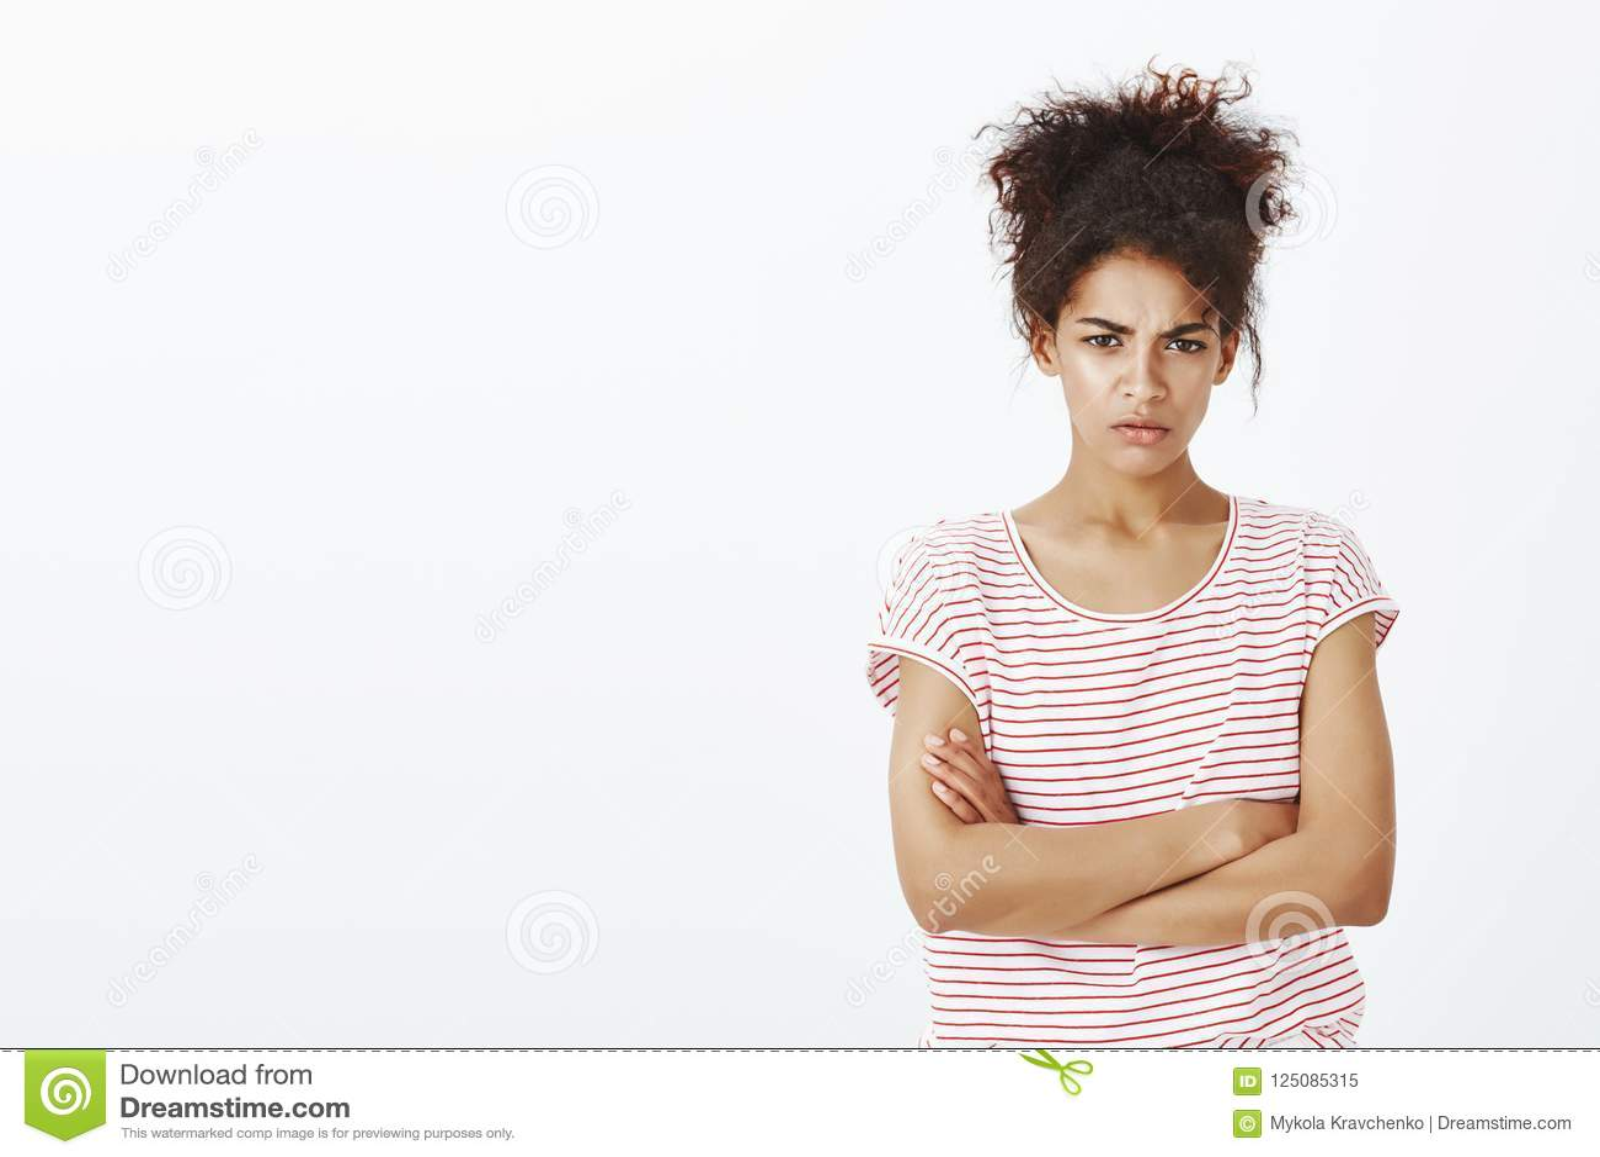 Opowiadający ty jeśli słucha przeprosiny Portret boczy się śliczna ciemnoskóra kobieta w pasiastej koszulce, trzyma ręki